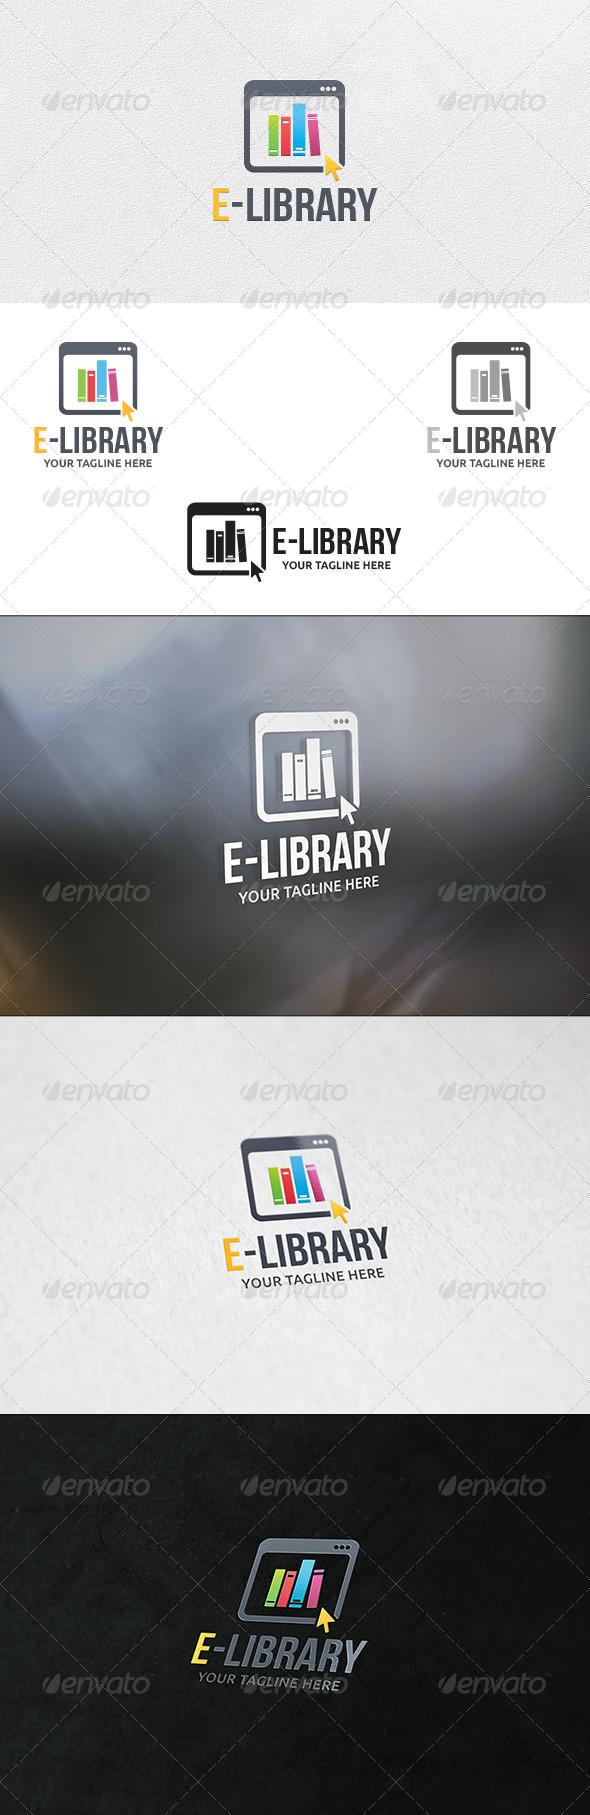 GraphicRiver E-Library Logo Template 6769025